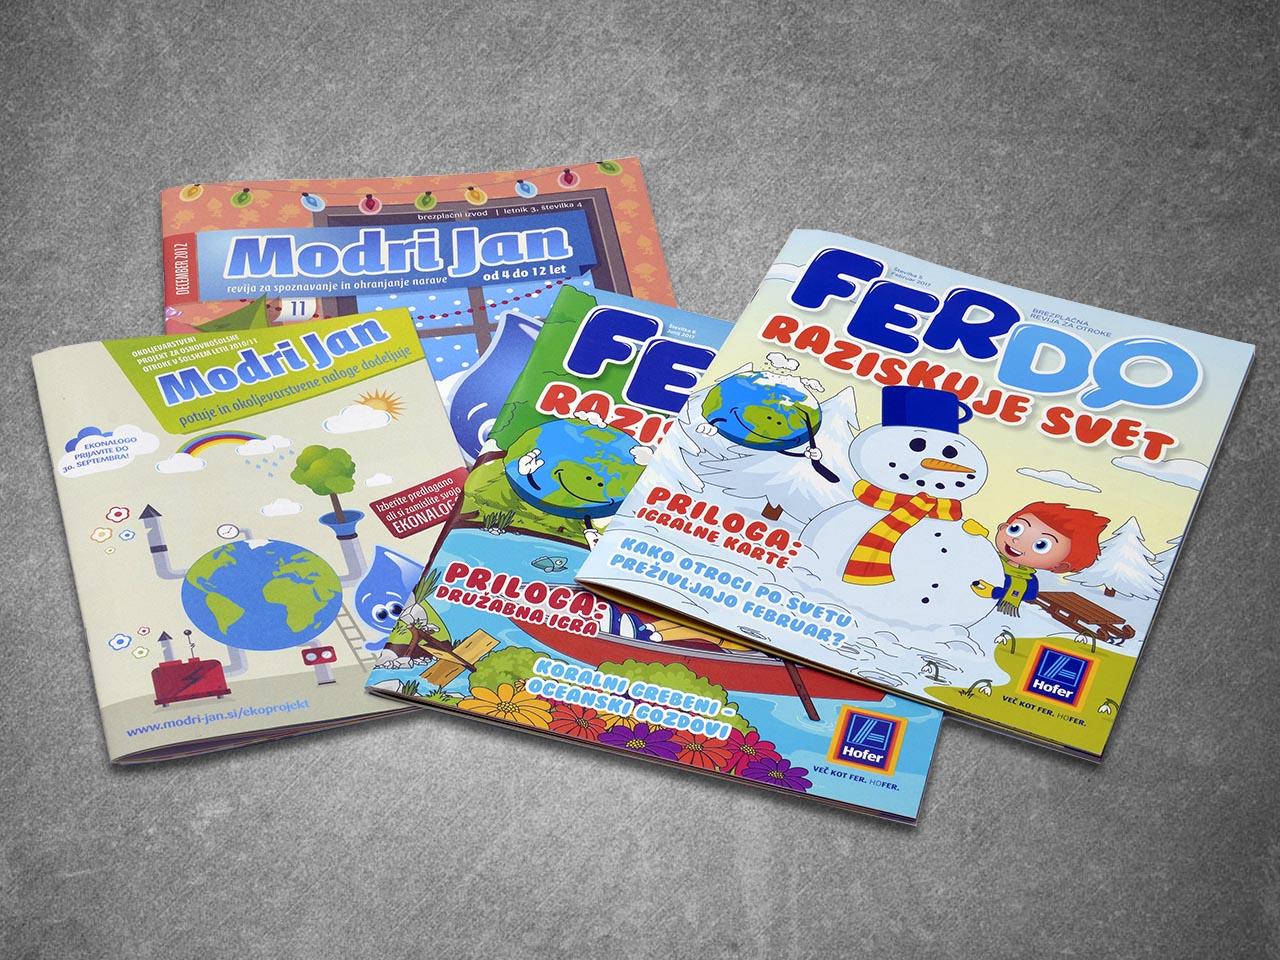 Časopisi, revije in glasila